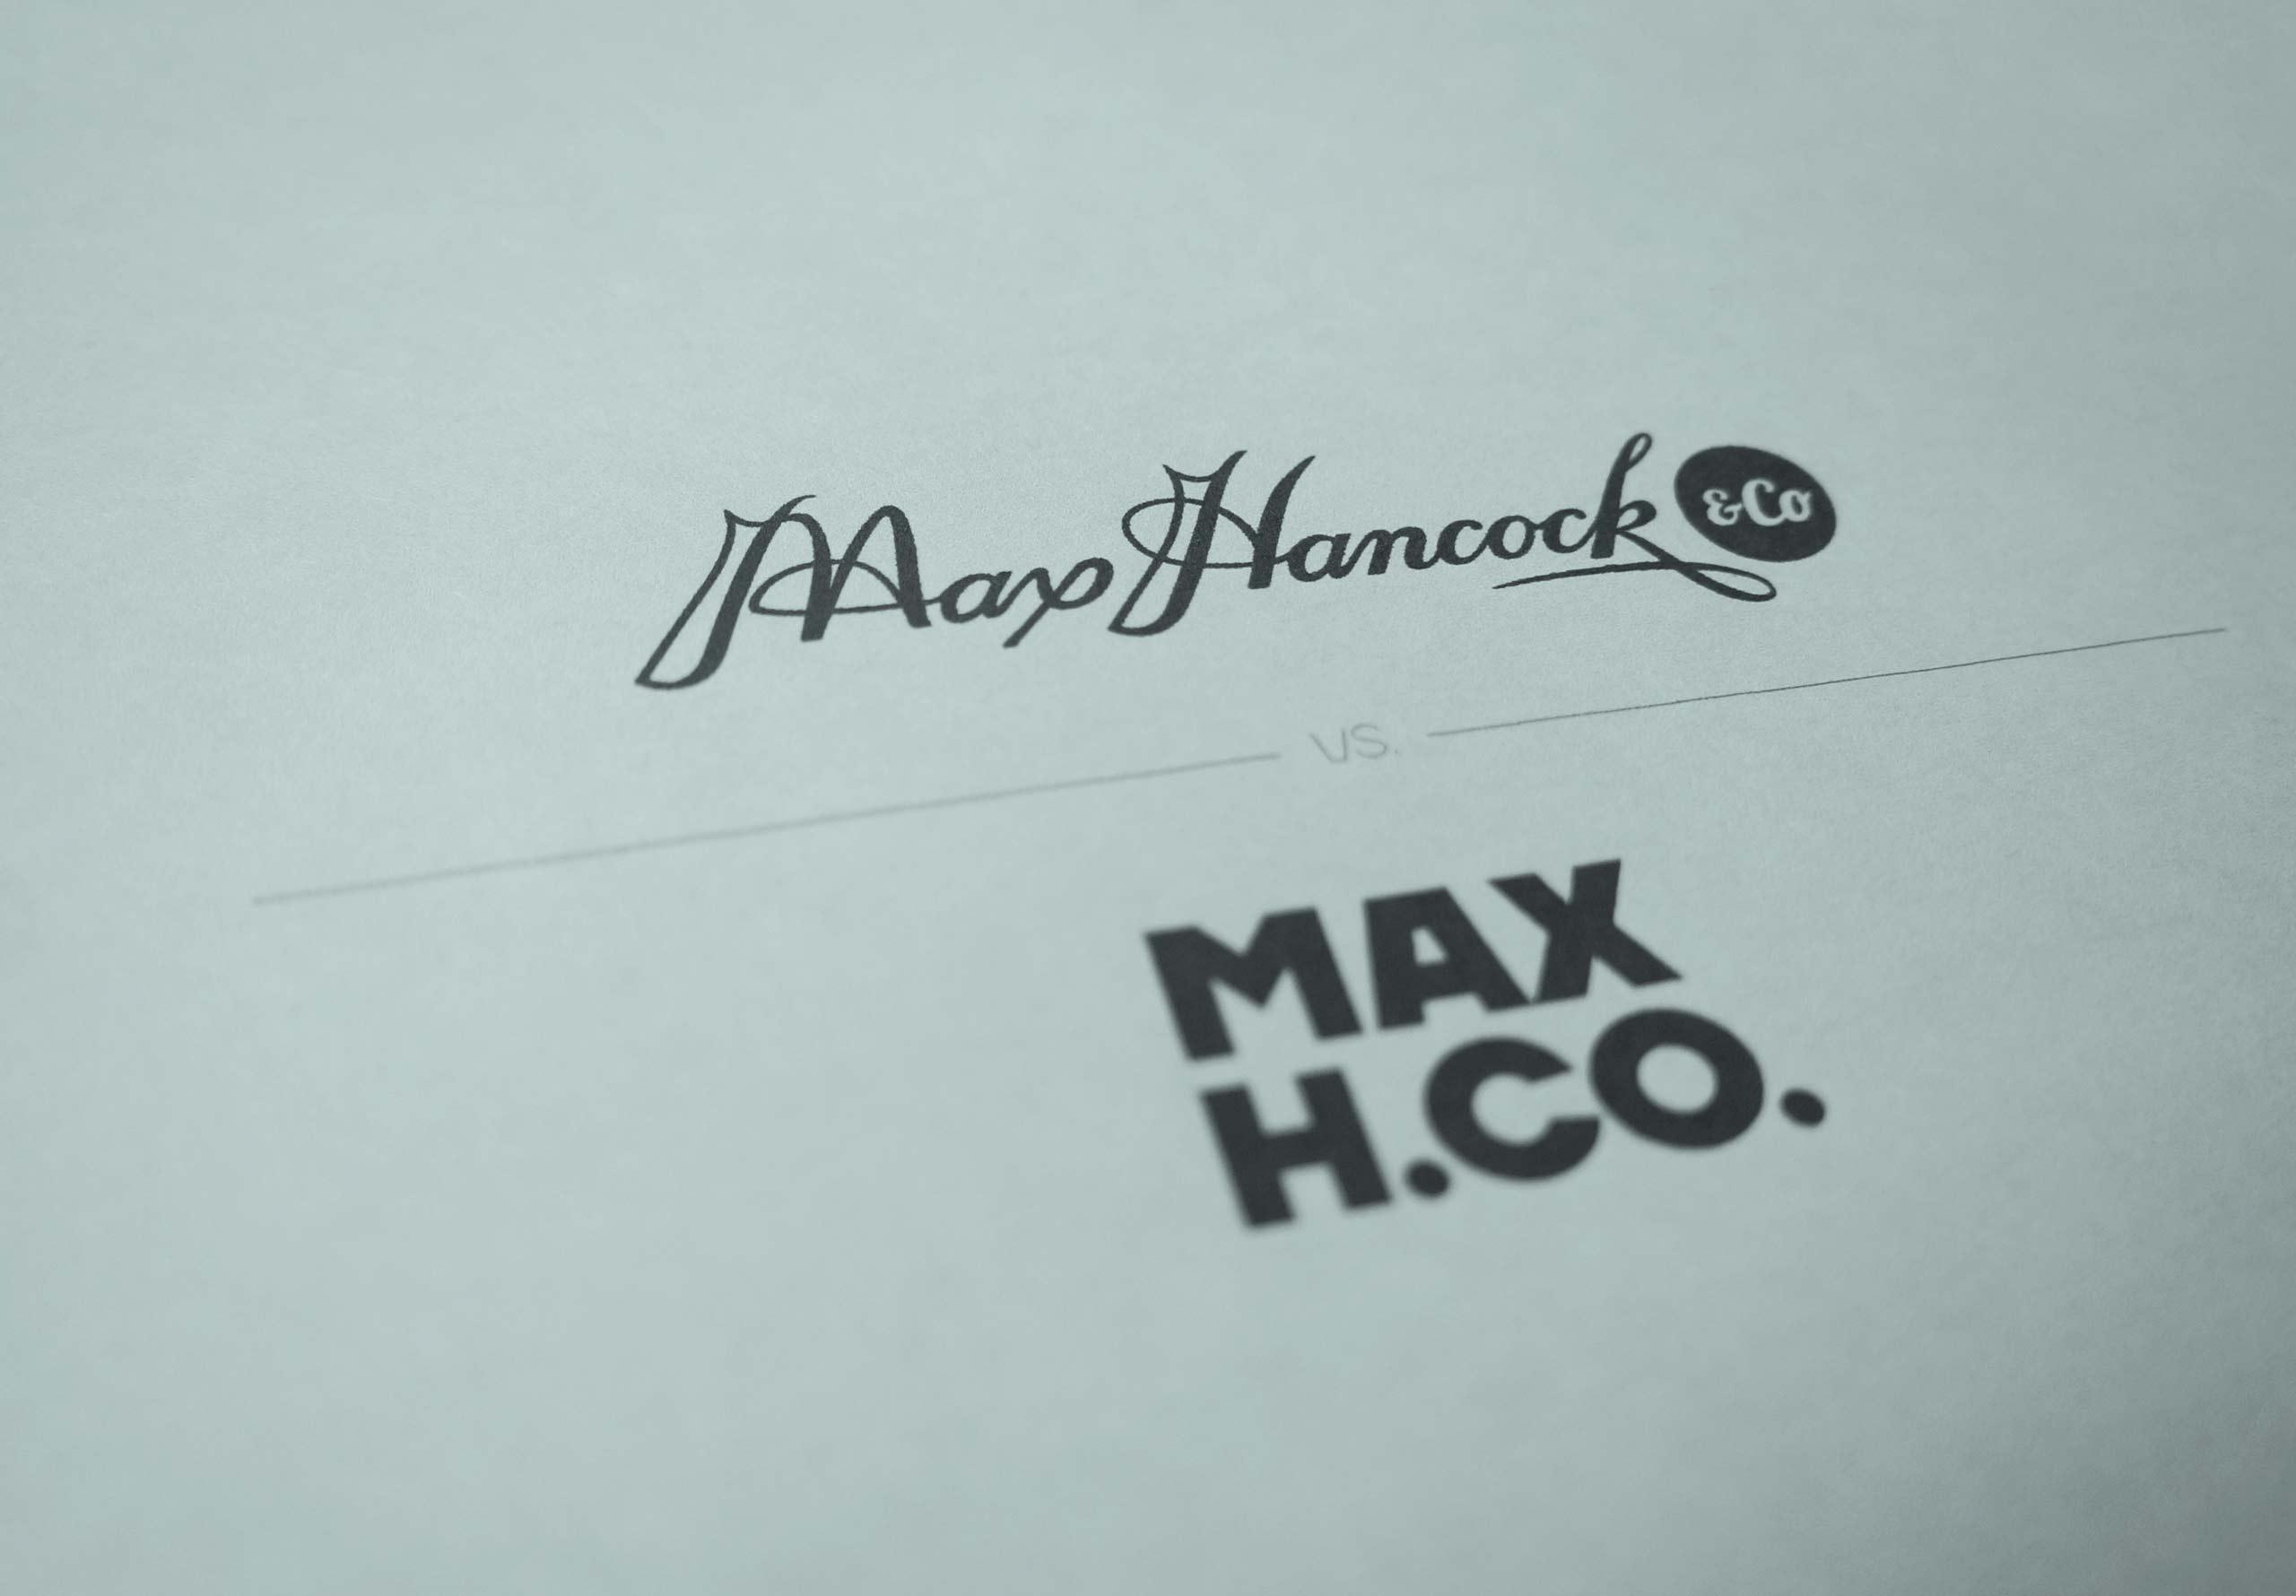 Max Hancock & Co, New Logo vs Old Logo